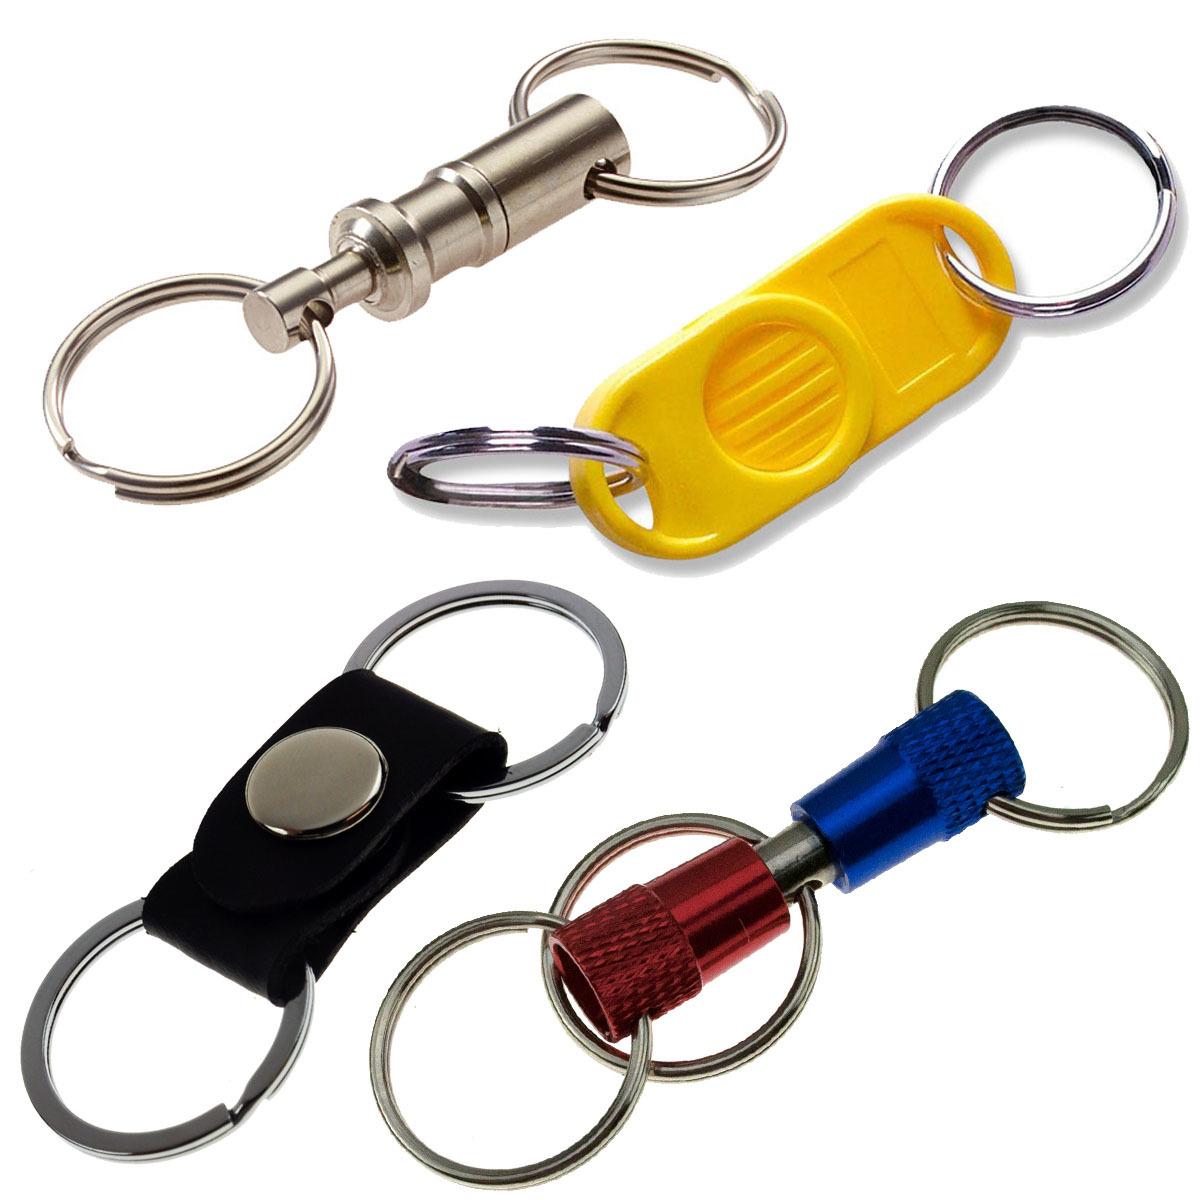 Key Separators